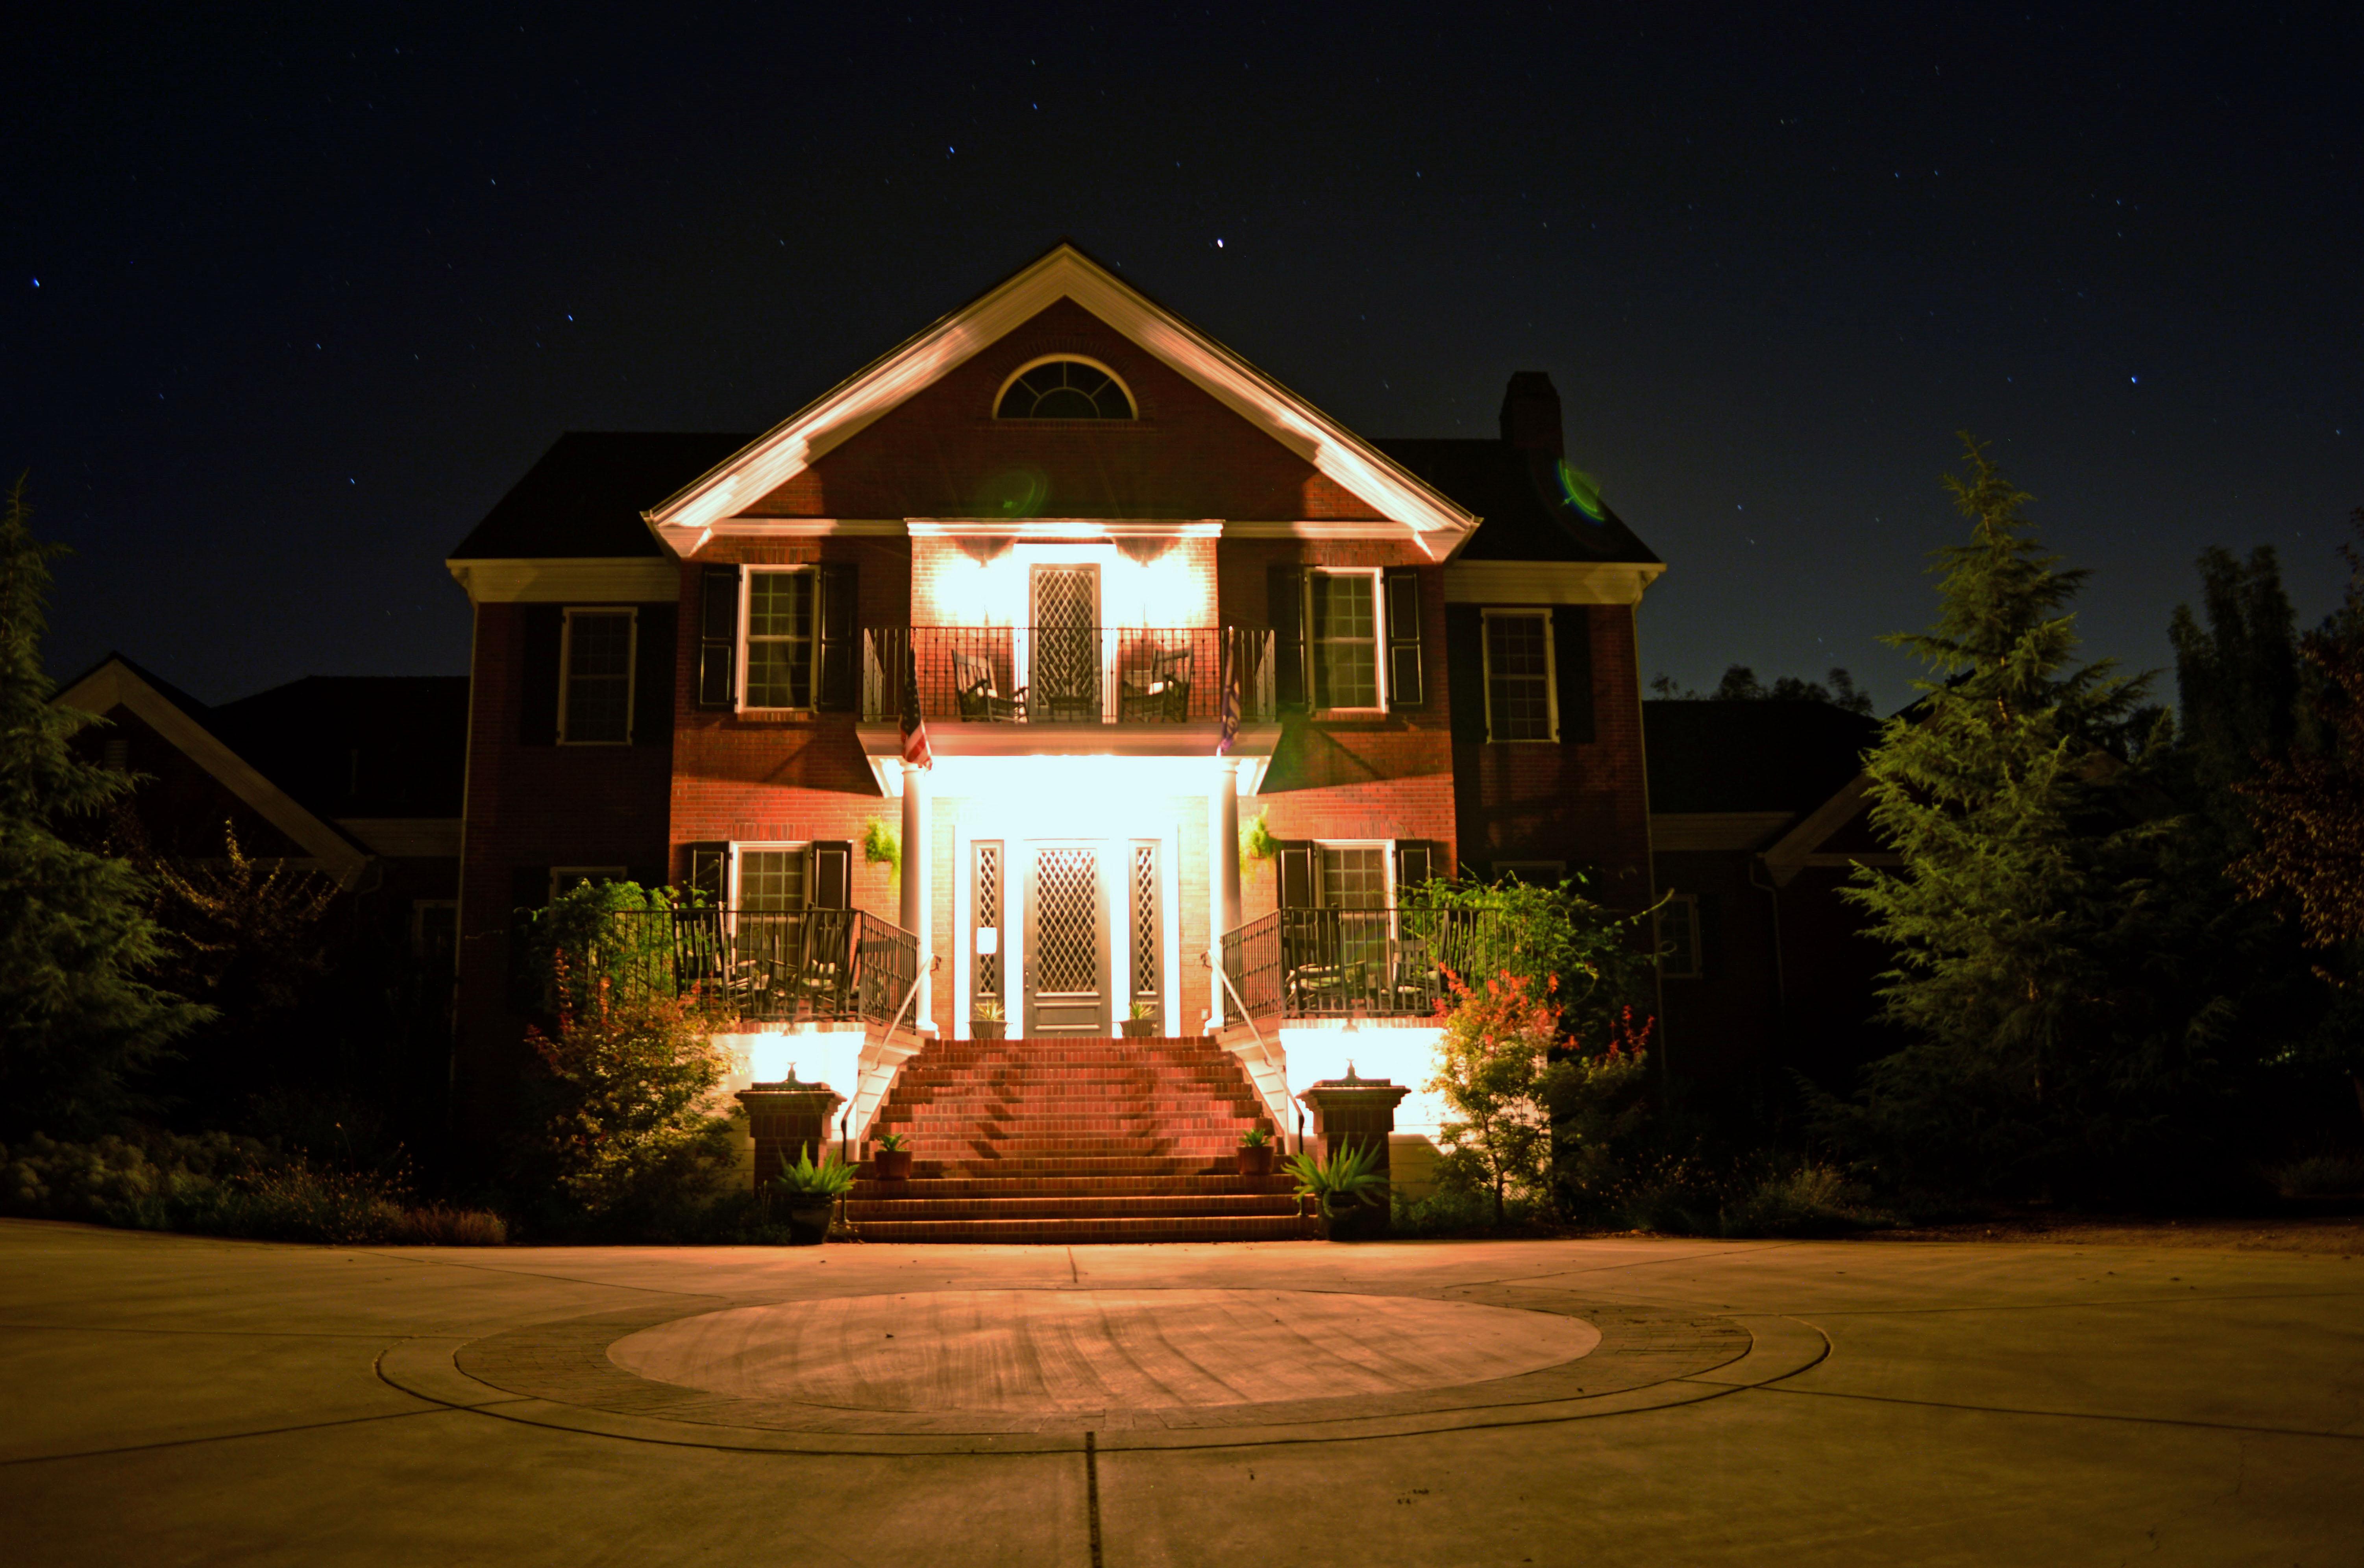 Современное фасадное освещение дома - выбор проекта, оценка эффективности схемы освещения и монтаж системы освещения своими руками (120 фото и видео)